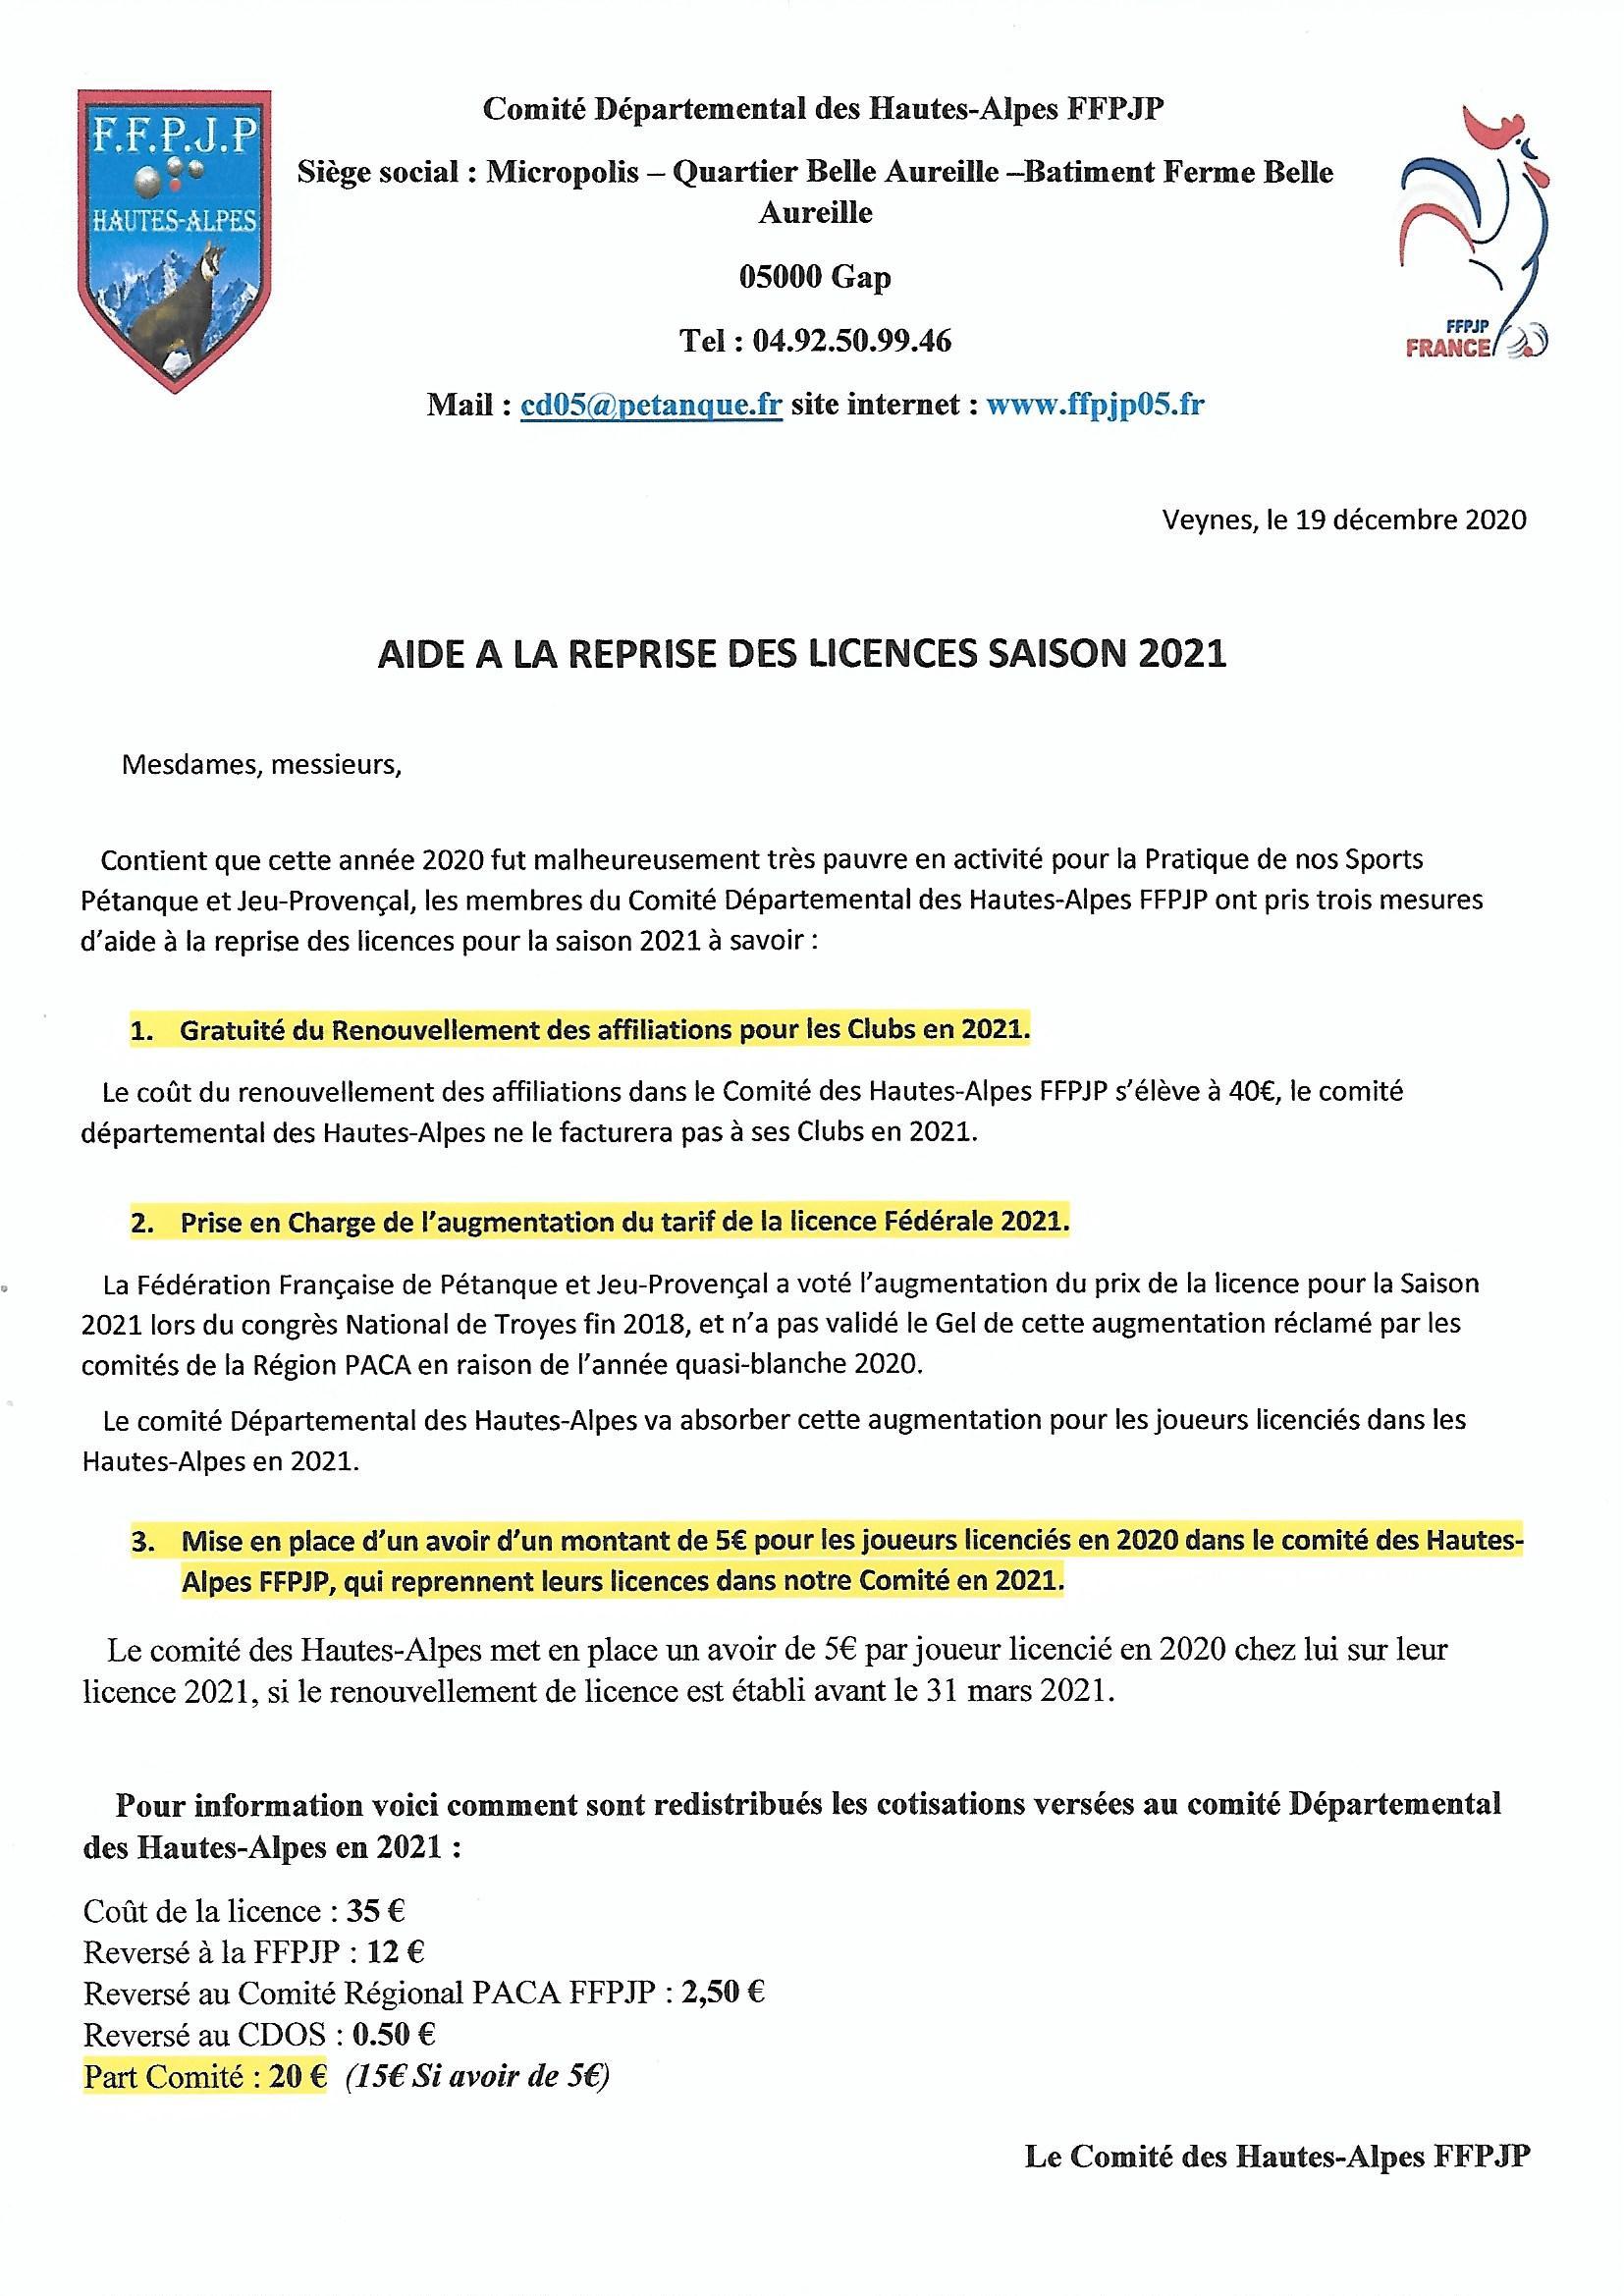 Aides à la Reprise des Licences Saison 2021